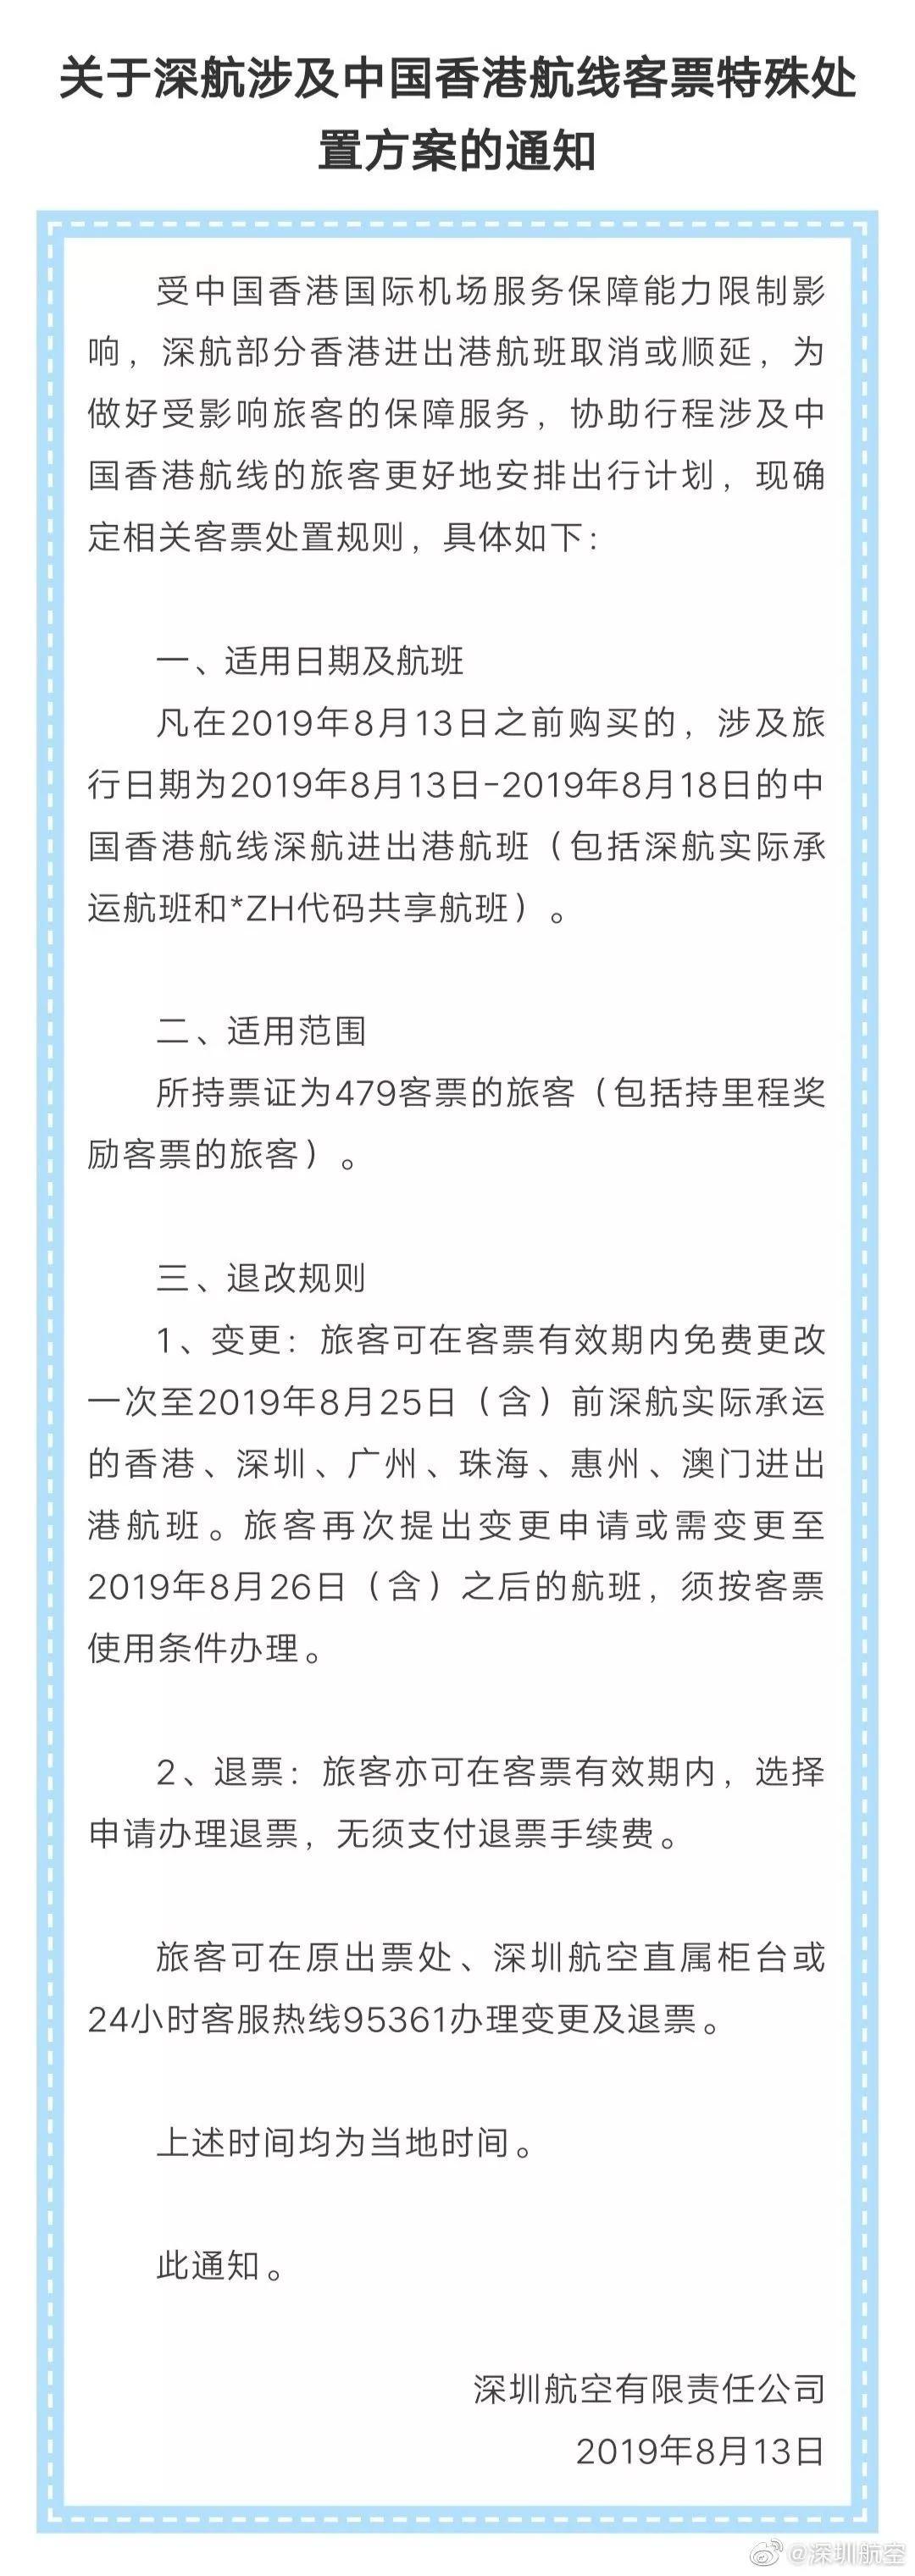 香港机场运转受阻!国内多家航司可免费退改签